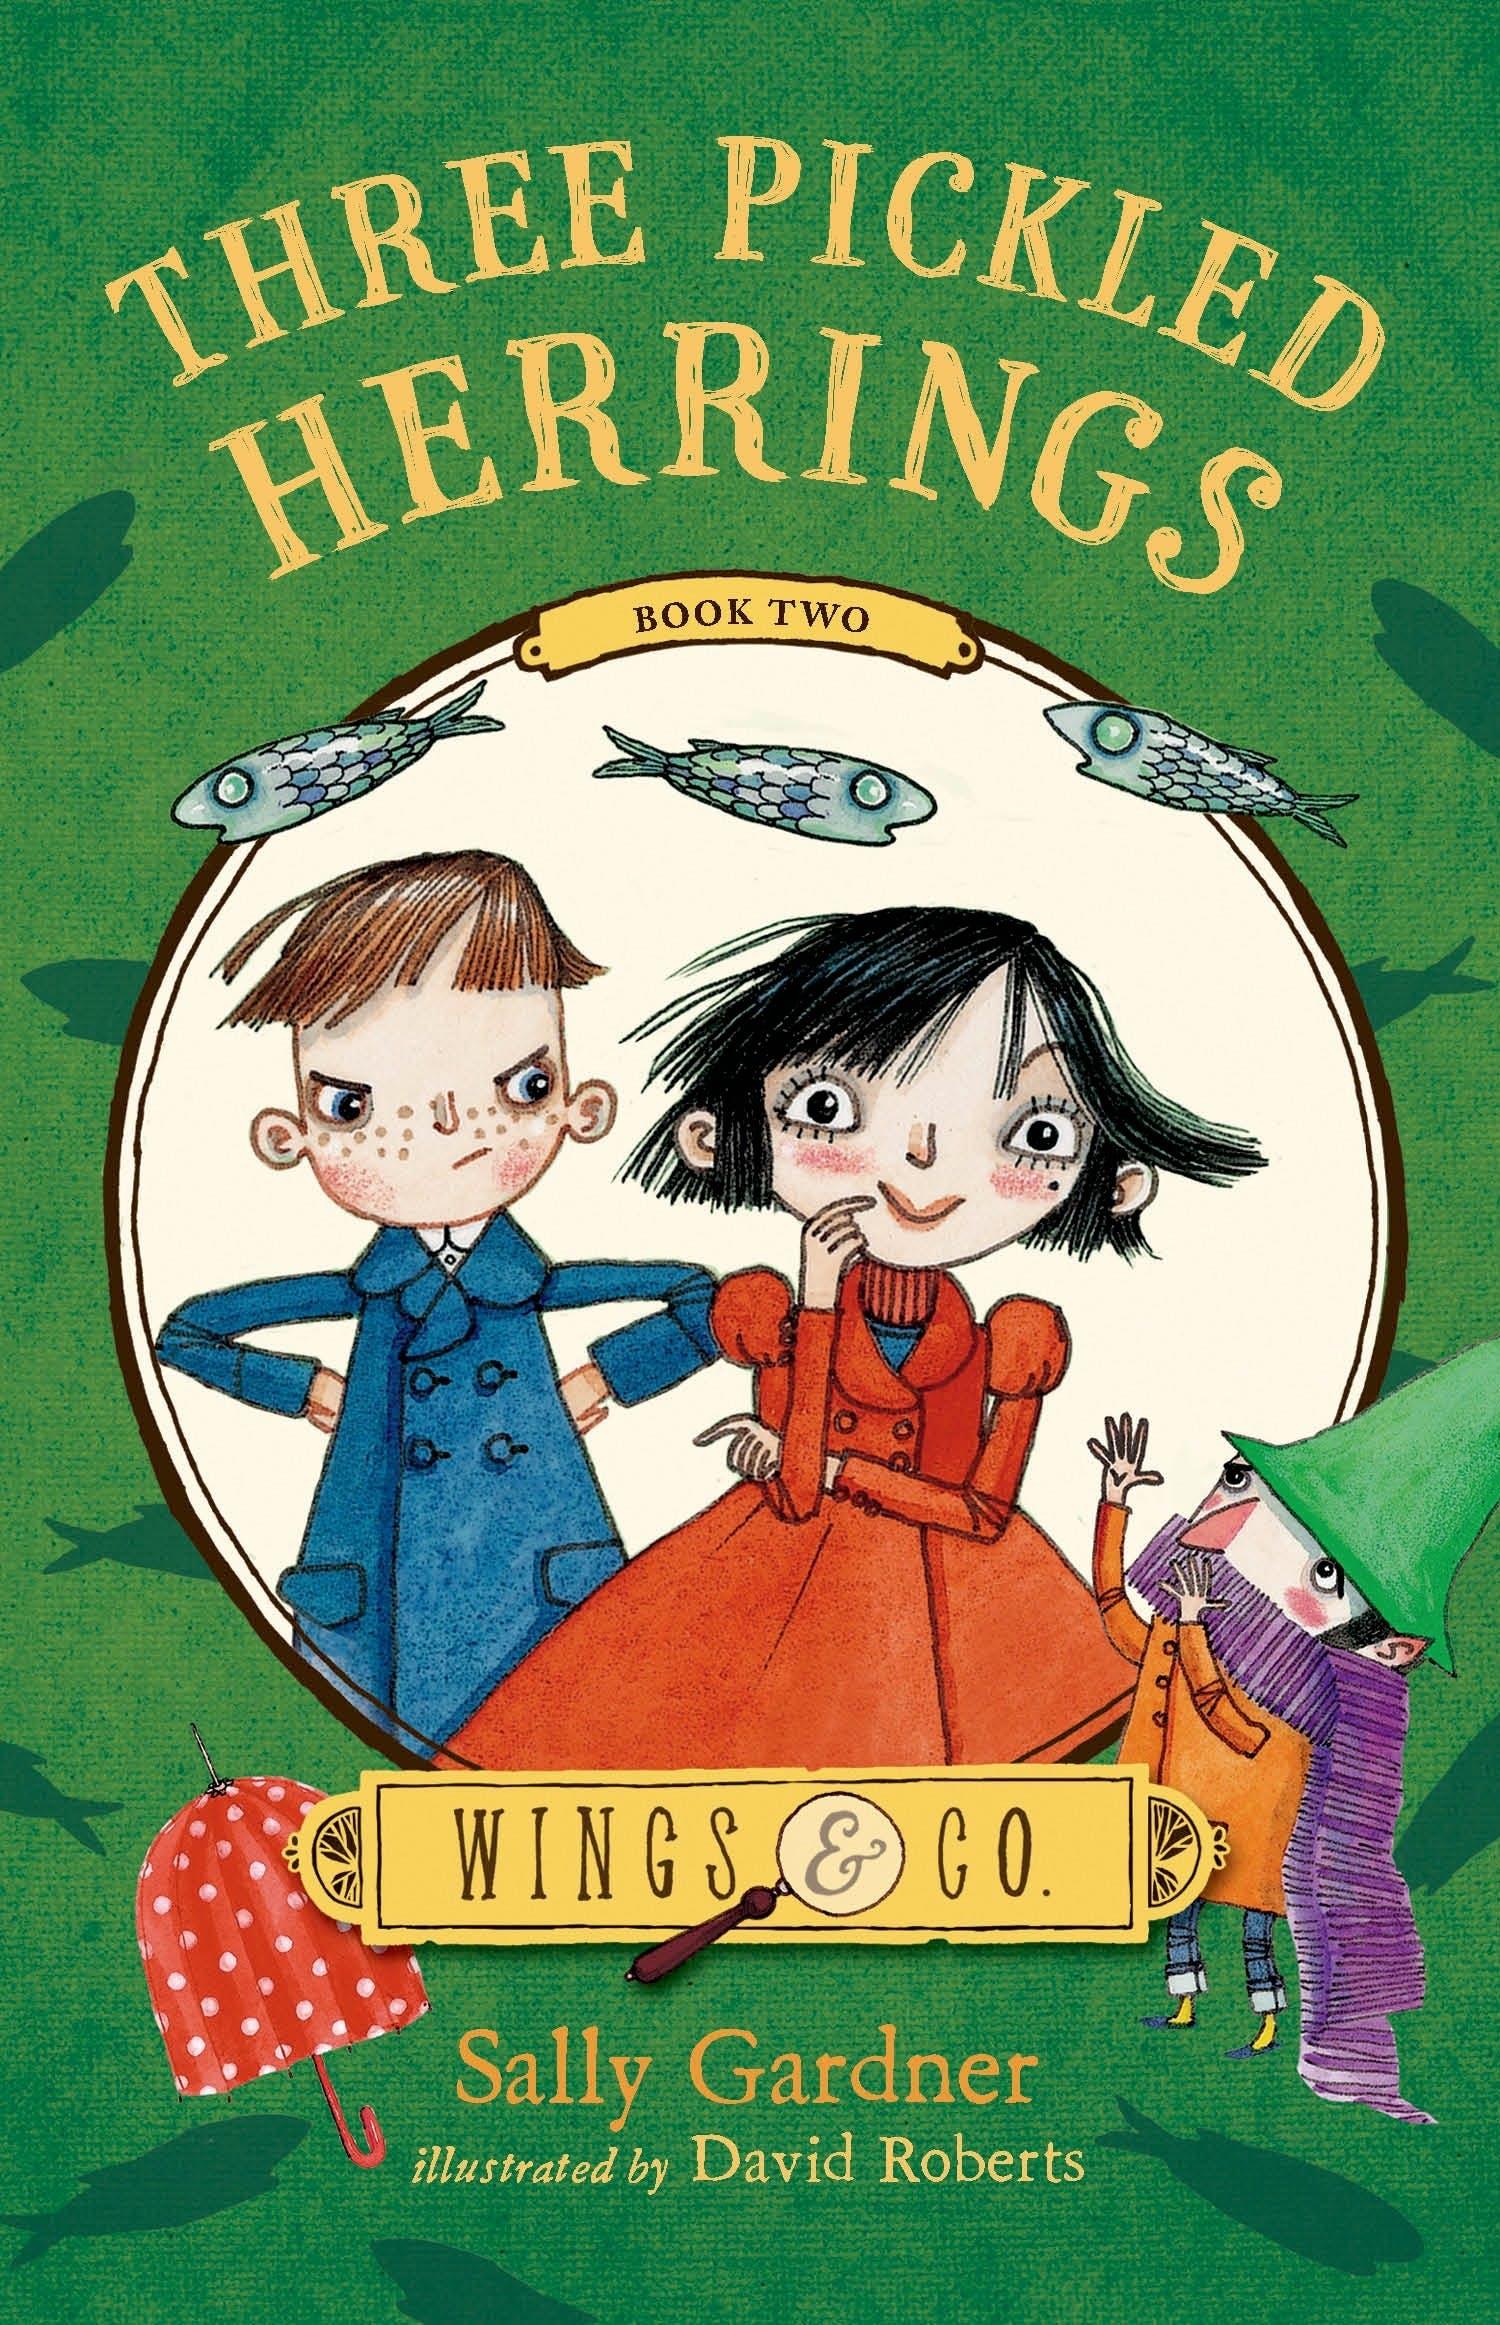 Image of Three Pickled Herrings